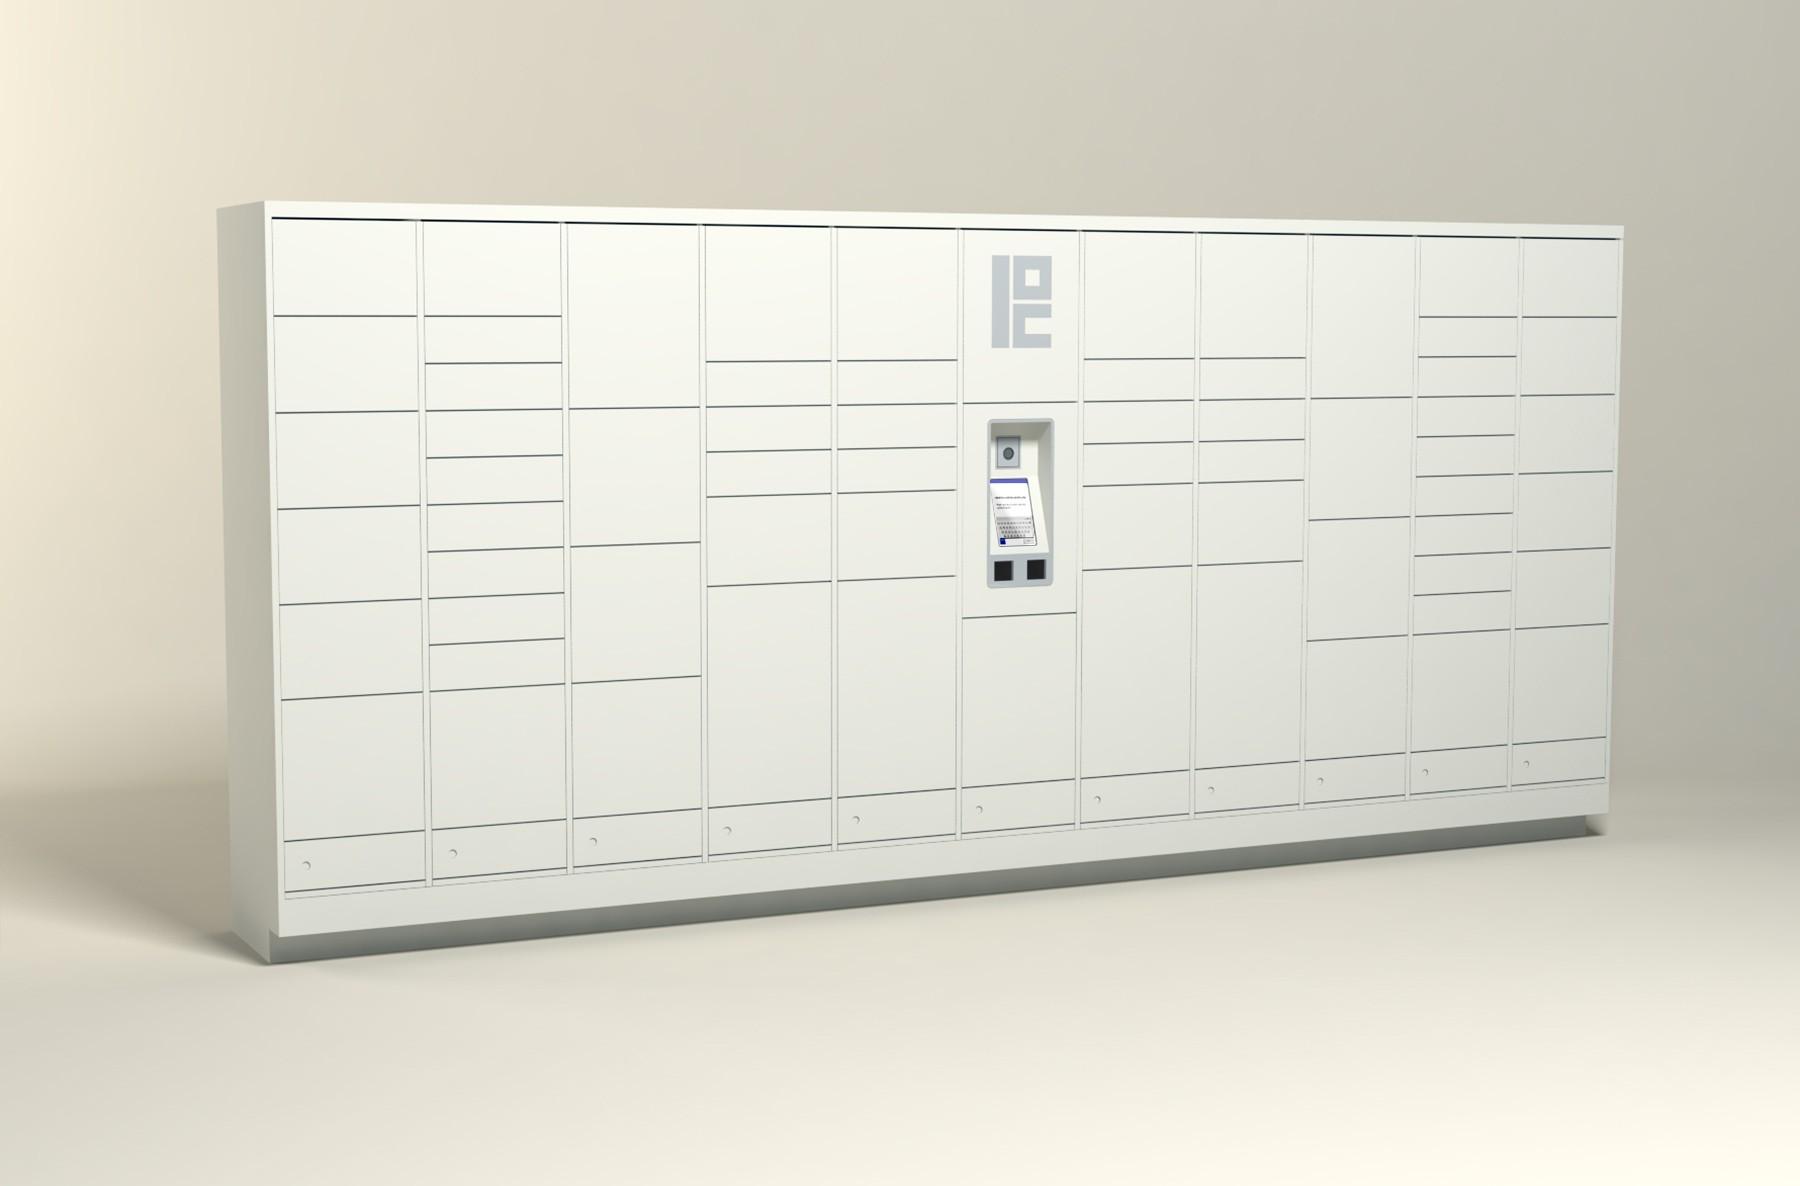 225 Unit - 66 Total Openings - Steel Smart Locker